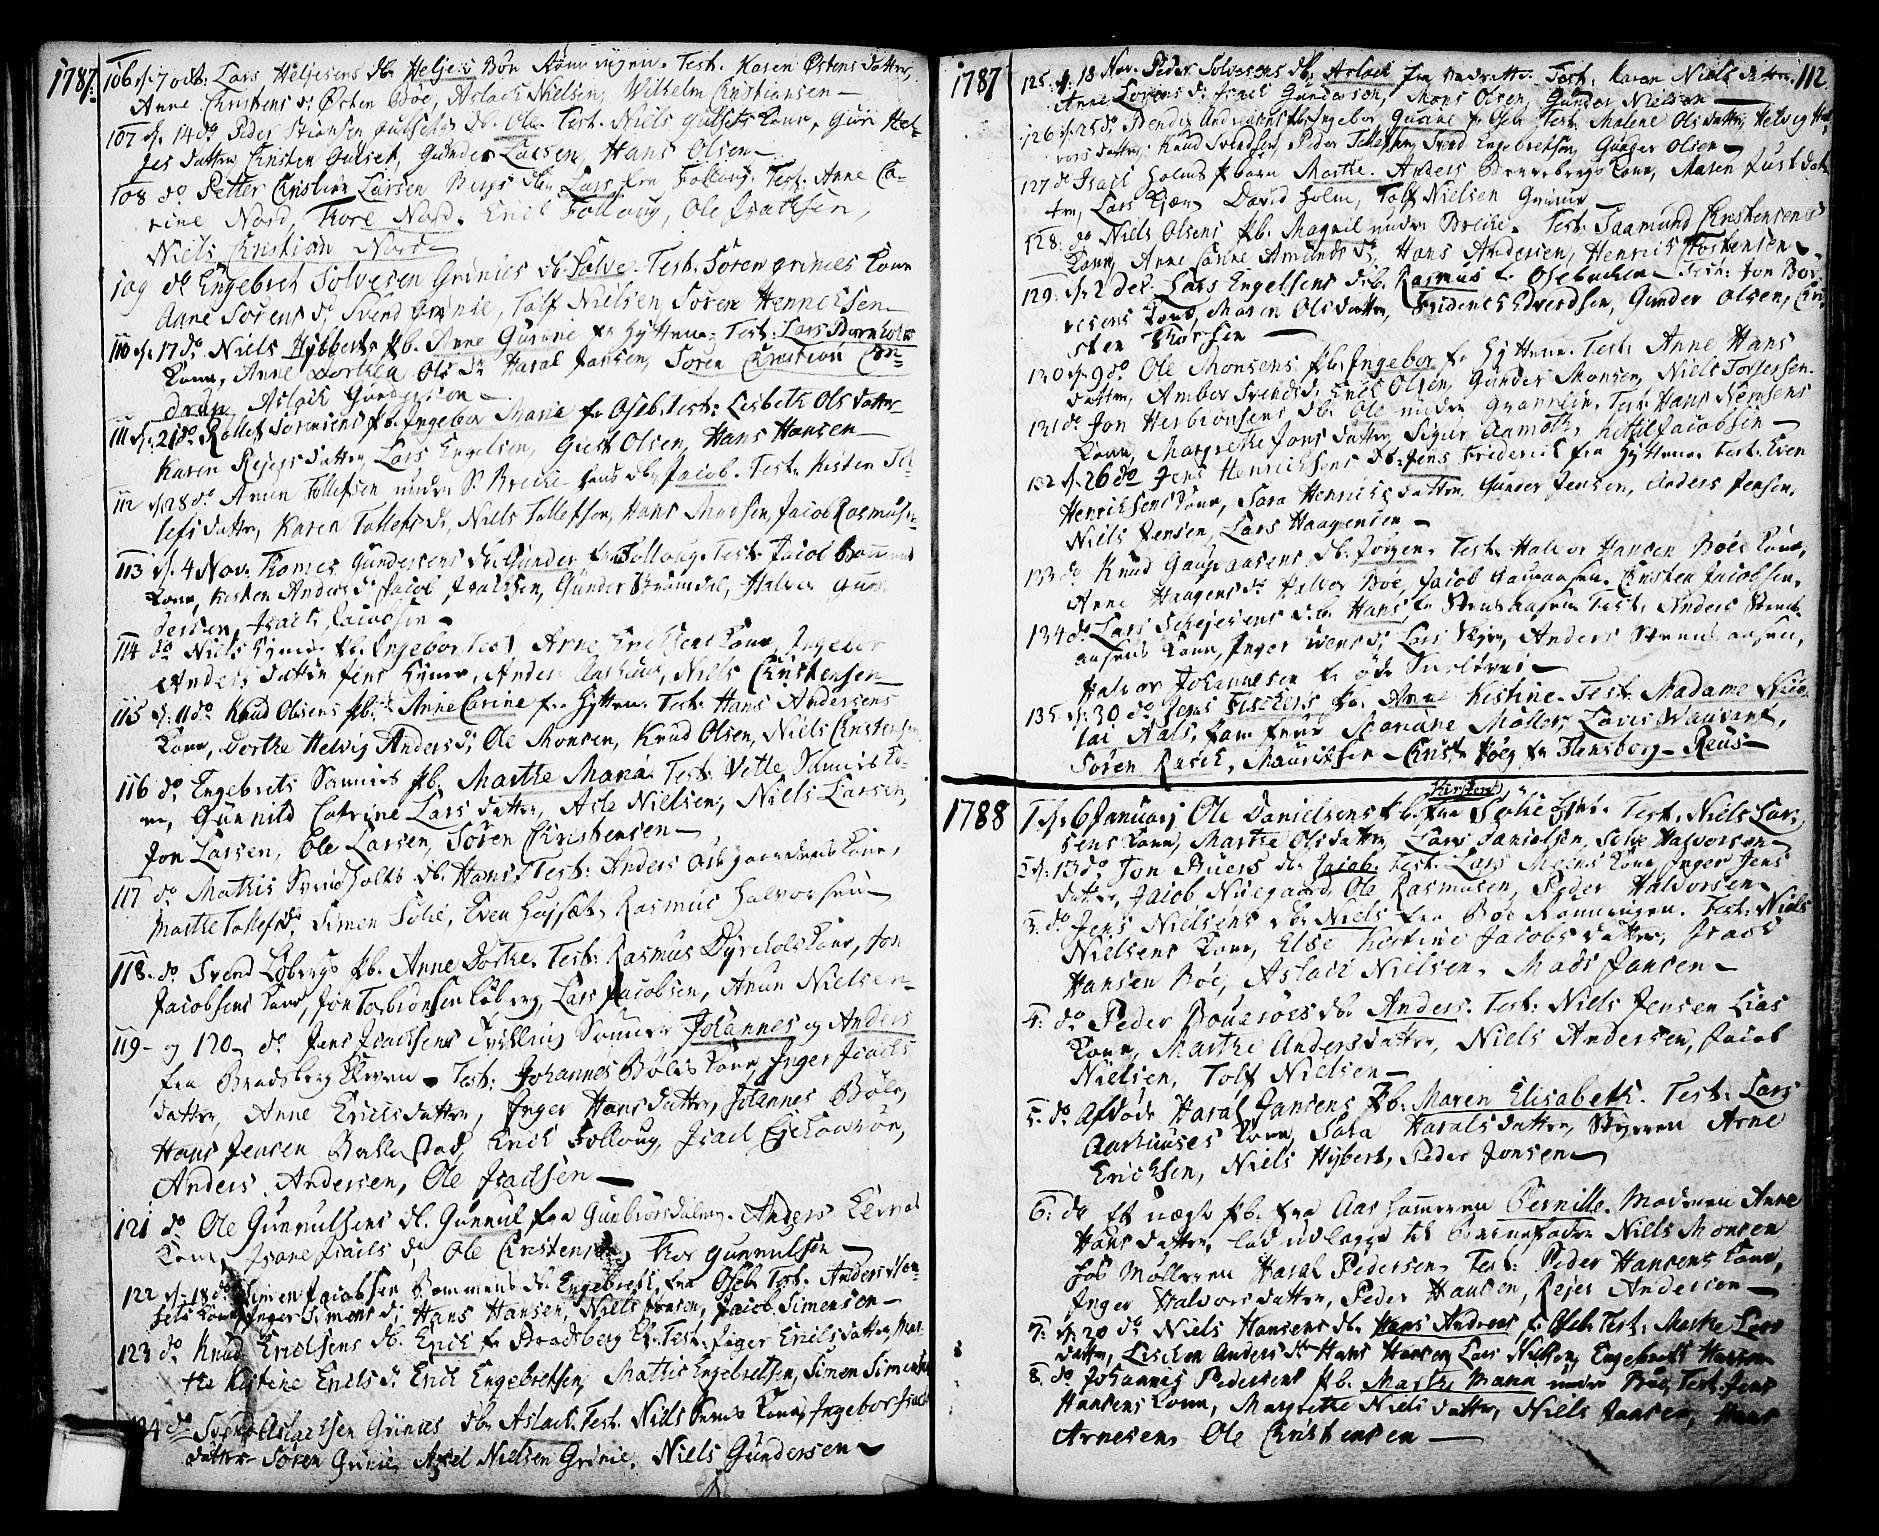 SAKO, Gjerpen kirkebøker, F/Fa/L0002: Ministerialbok nr. 2, 1747-1795, s. 112